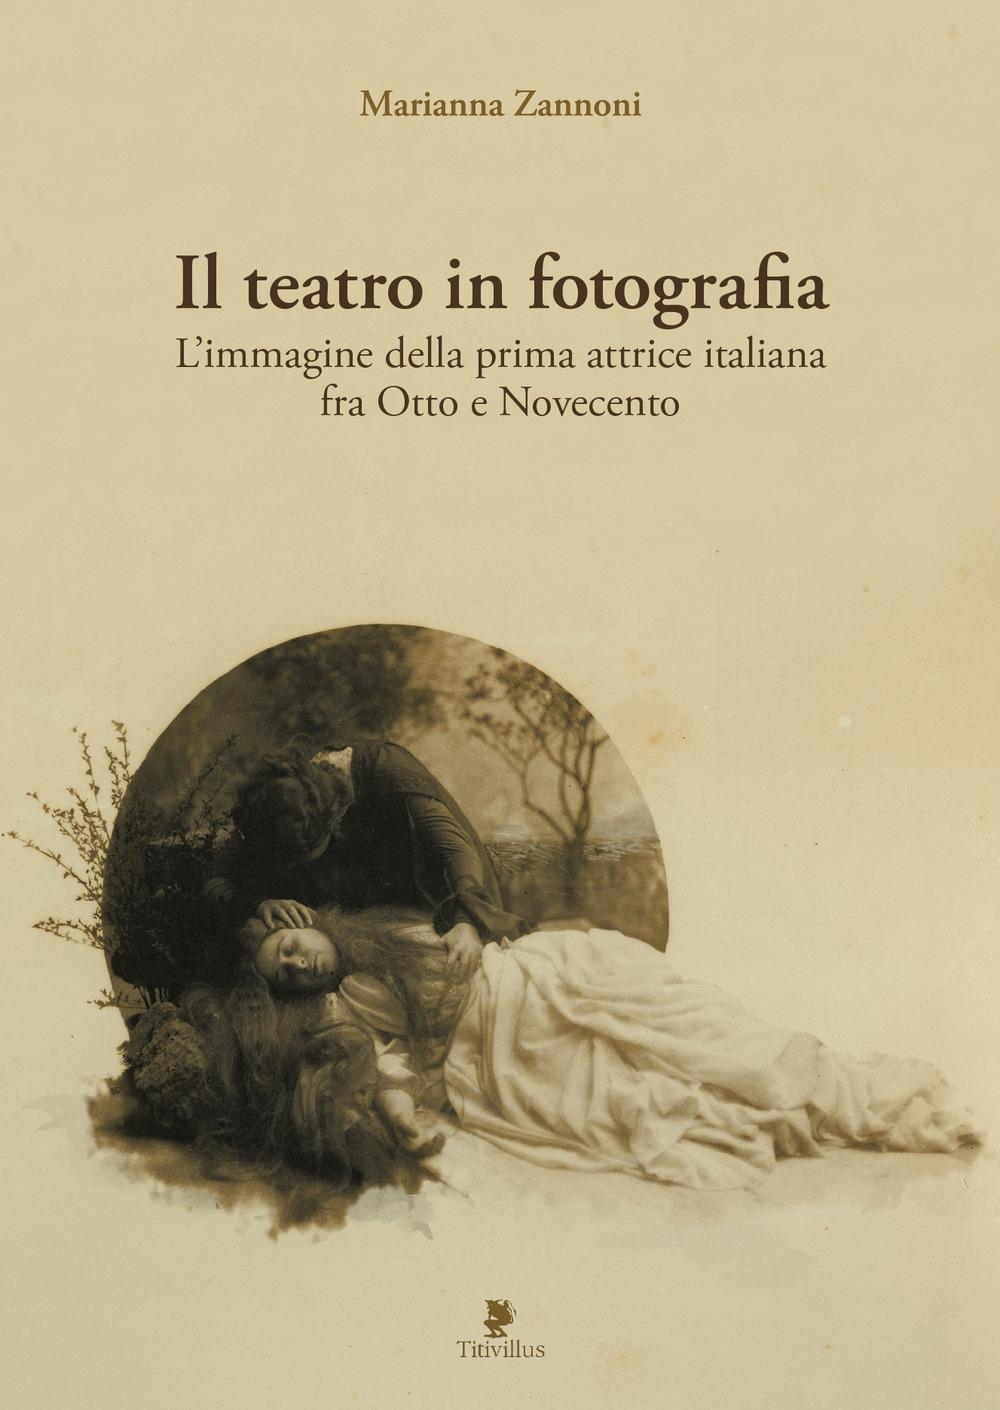 Il teatro in fotografia. L'immagine della prima attrice italiana fra Otto e Novecento